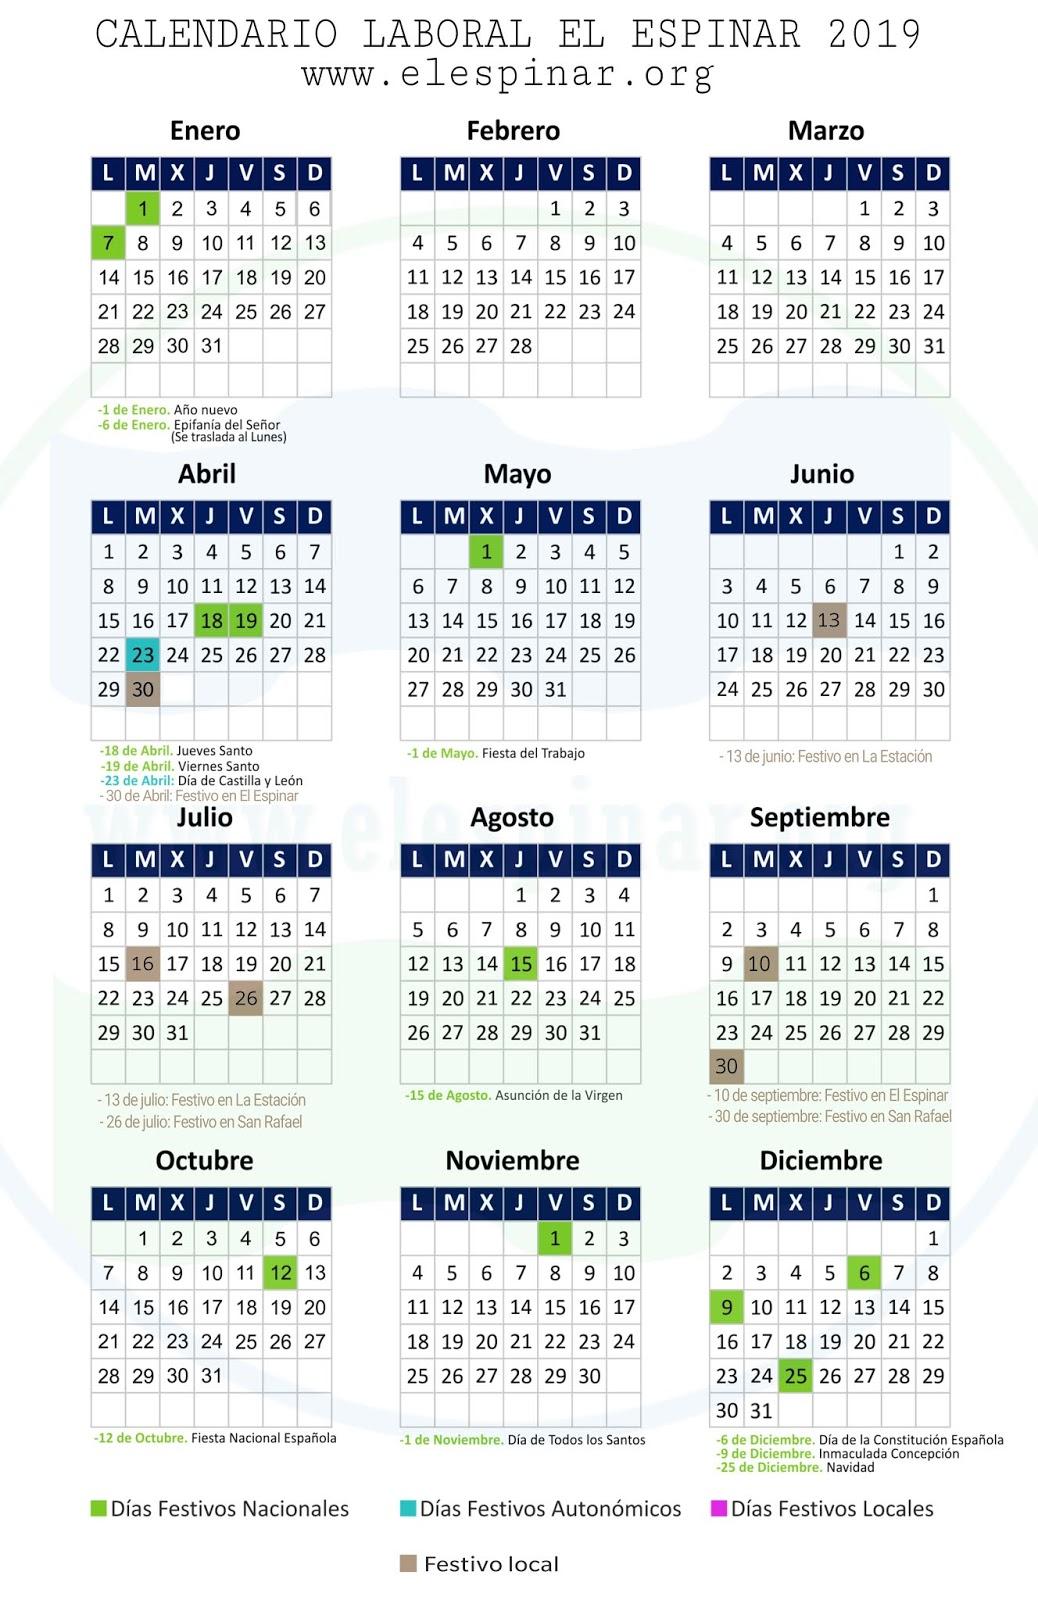 Calendario 2019 Castilla Y Leon.Calendario Festivos El Espinar 2019